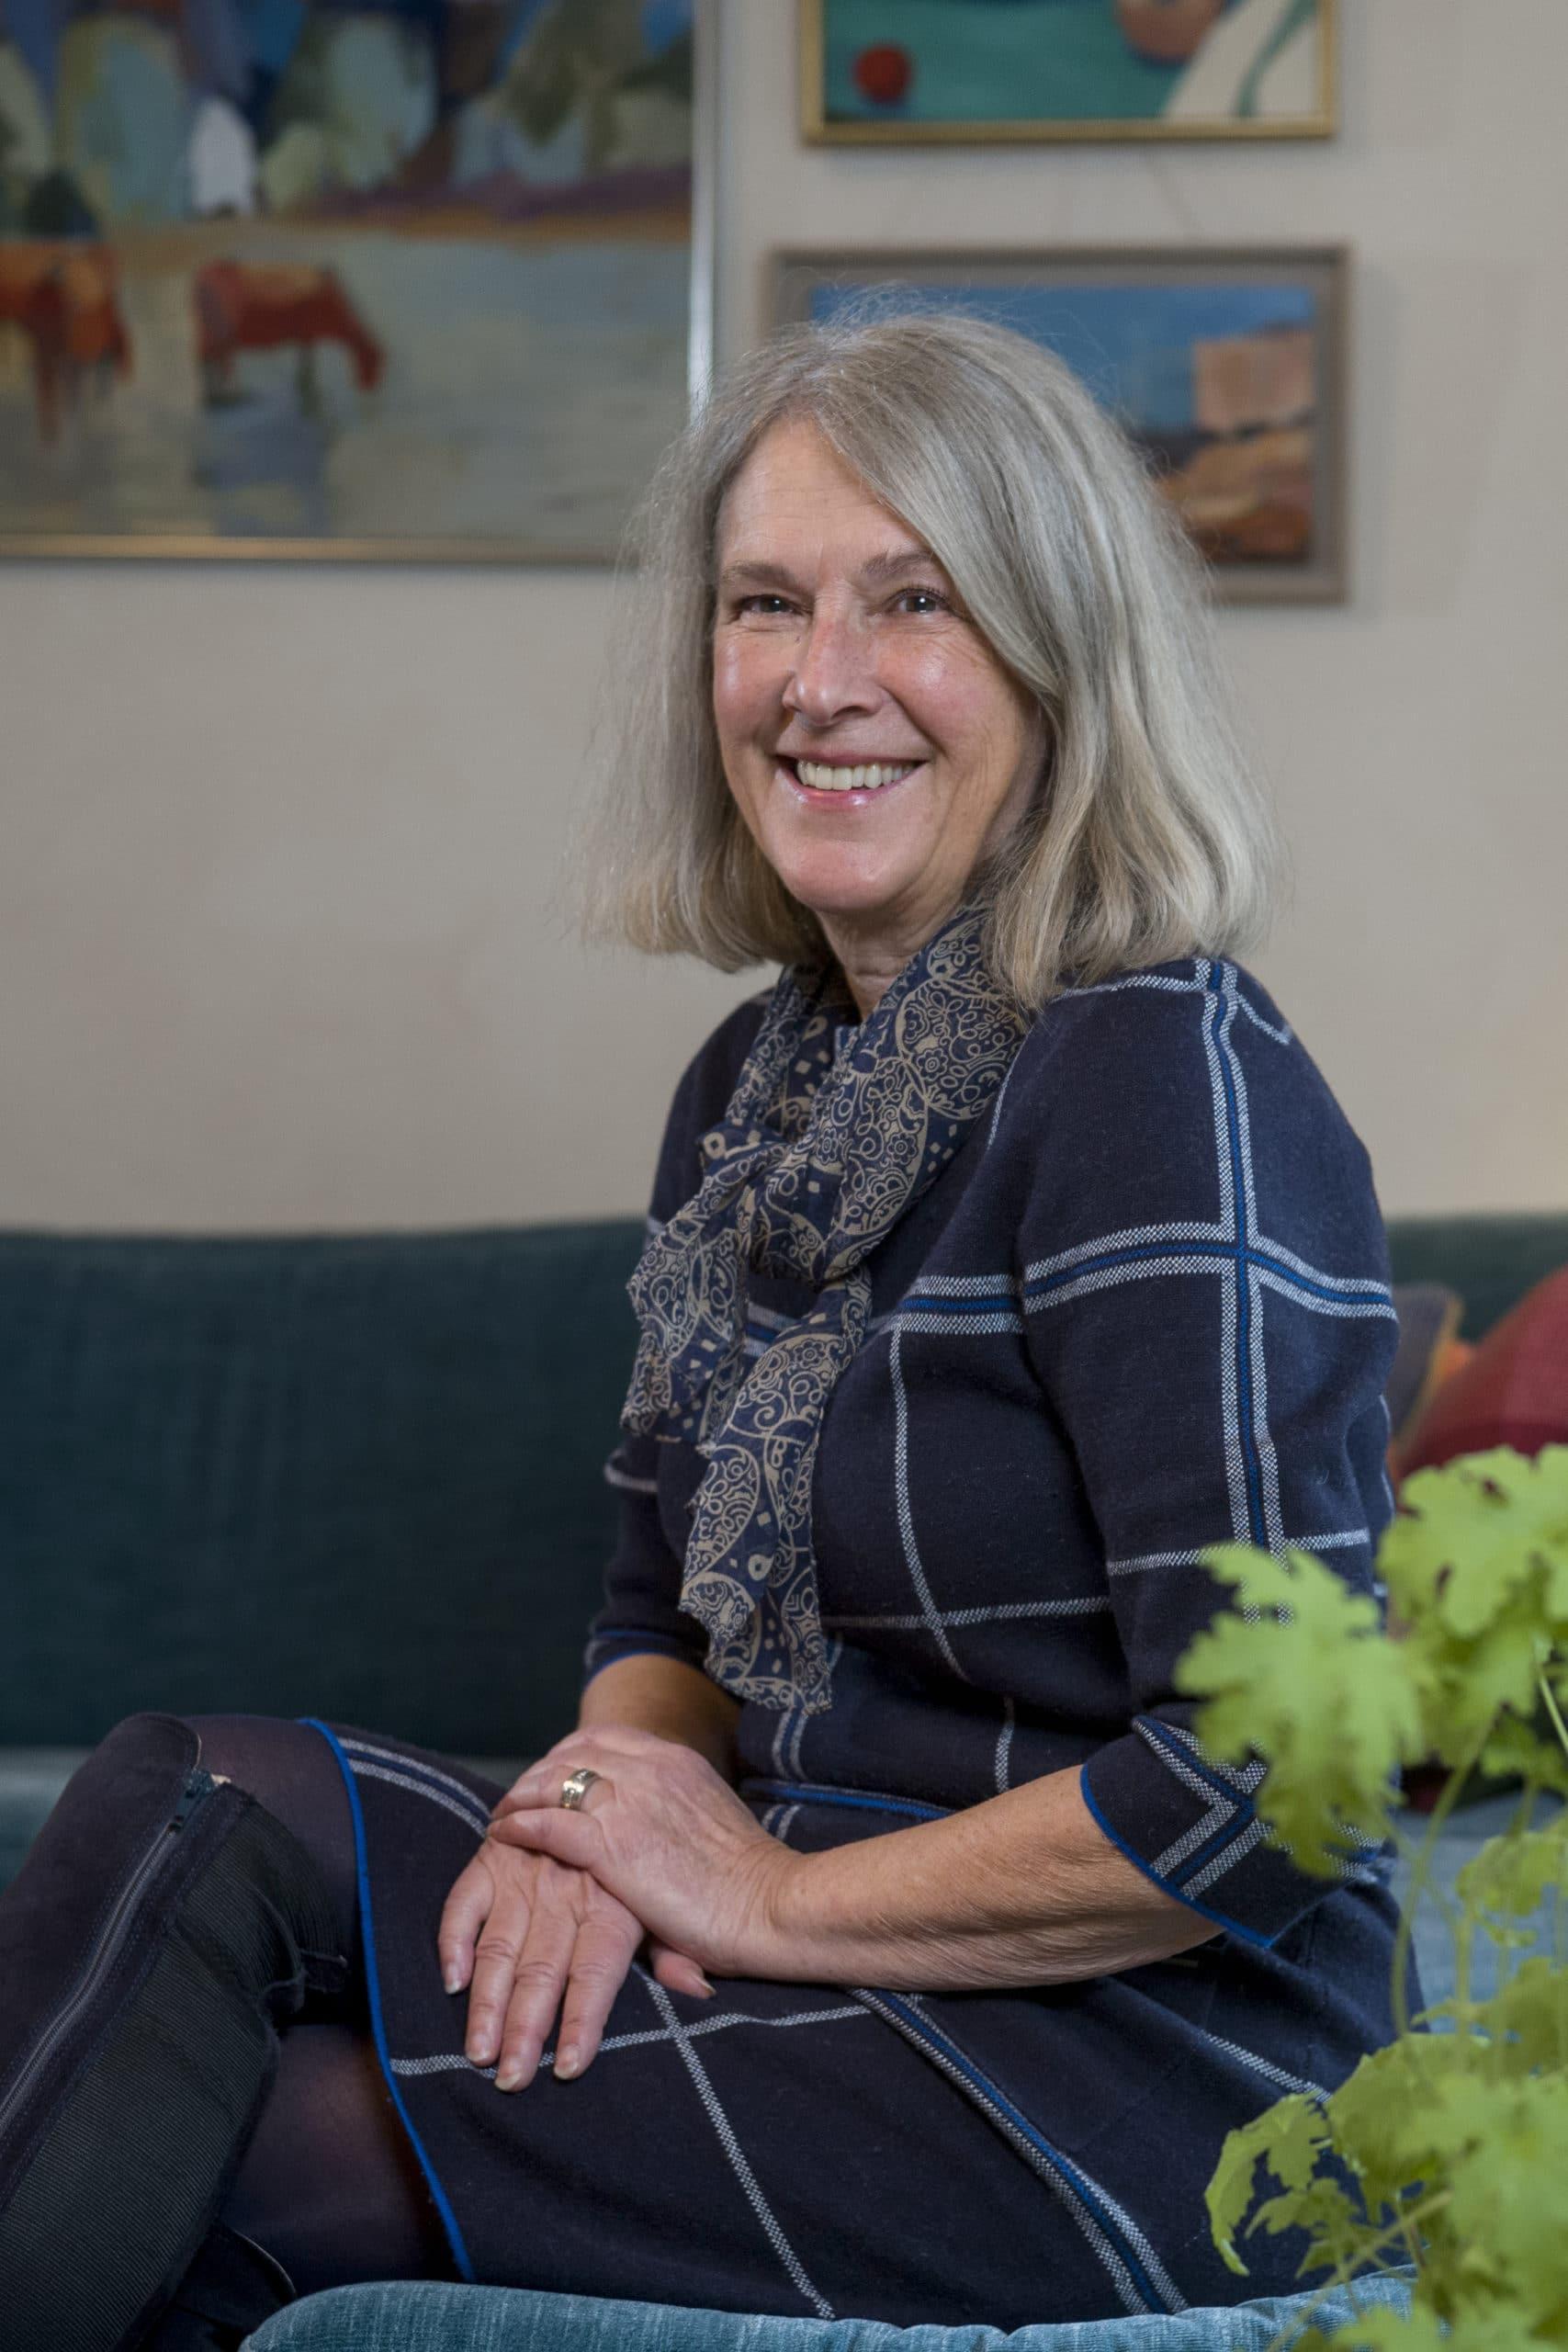 Portrait de Susanne, membre du Forum Citoyen de Genève